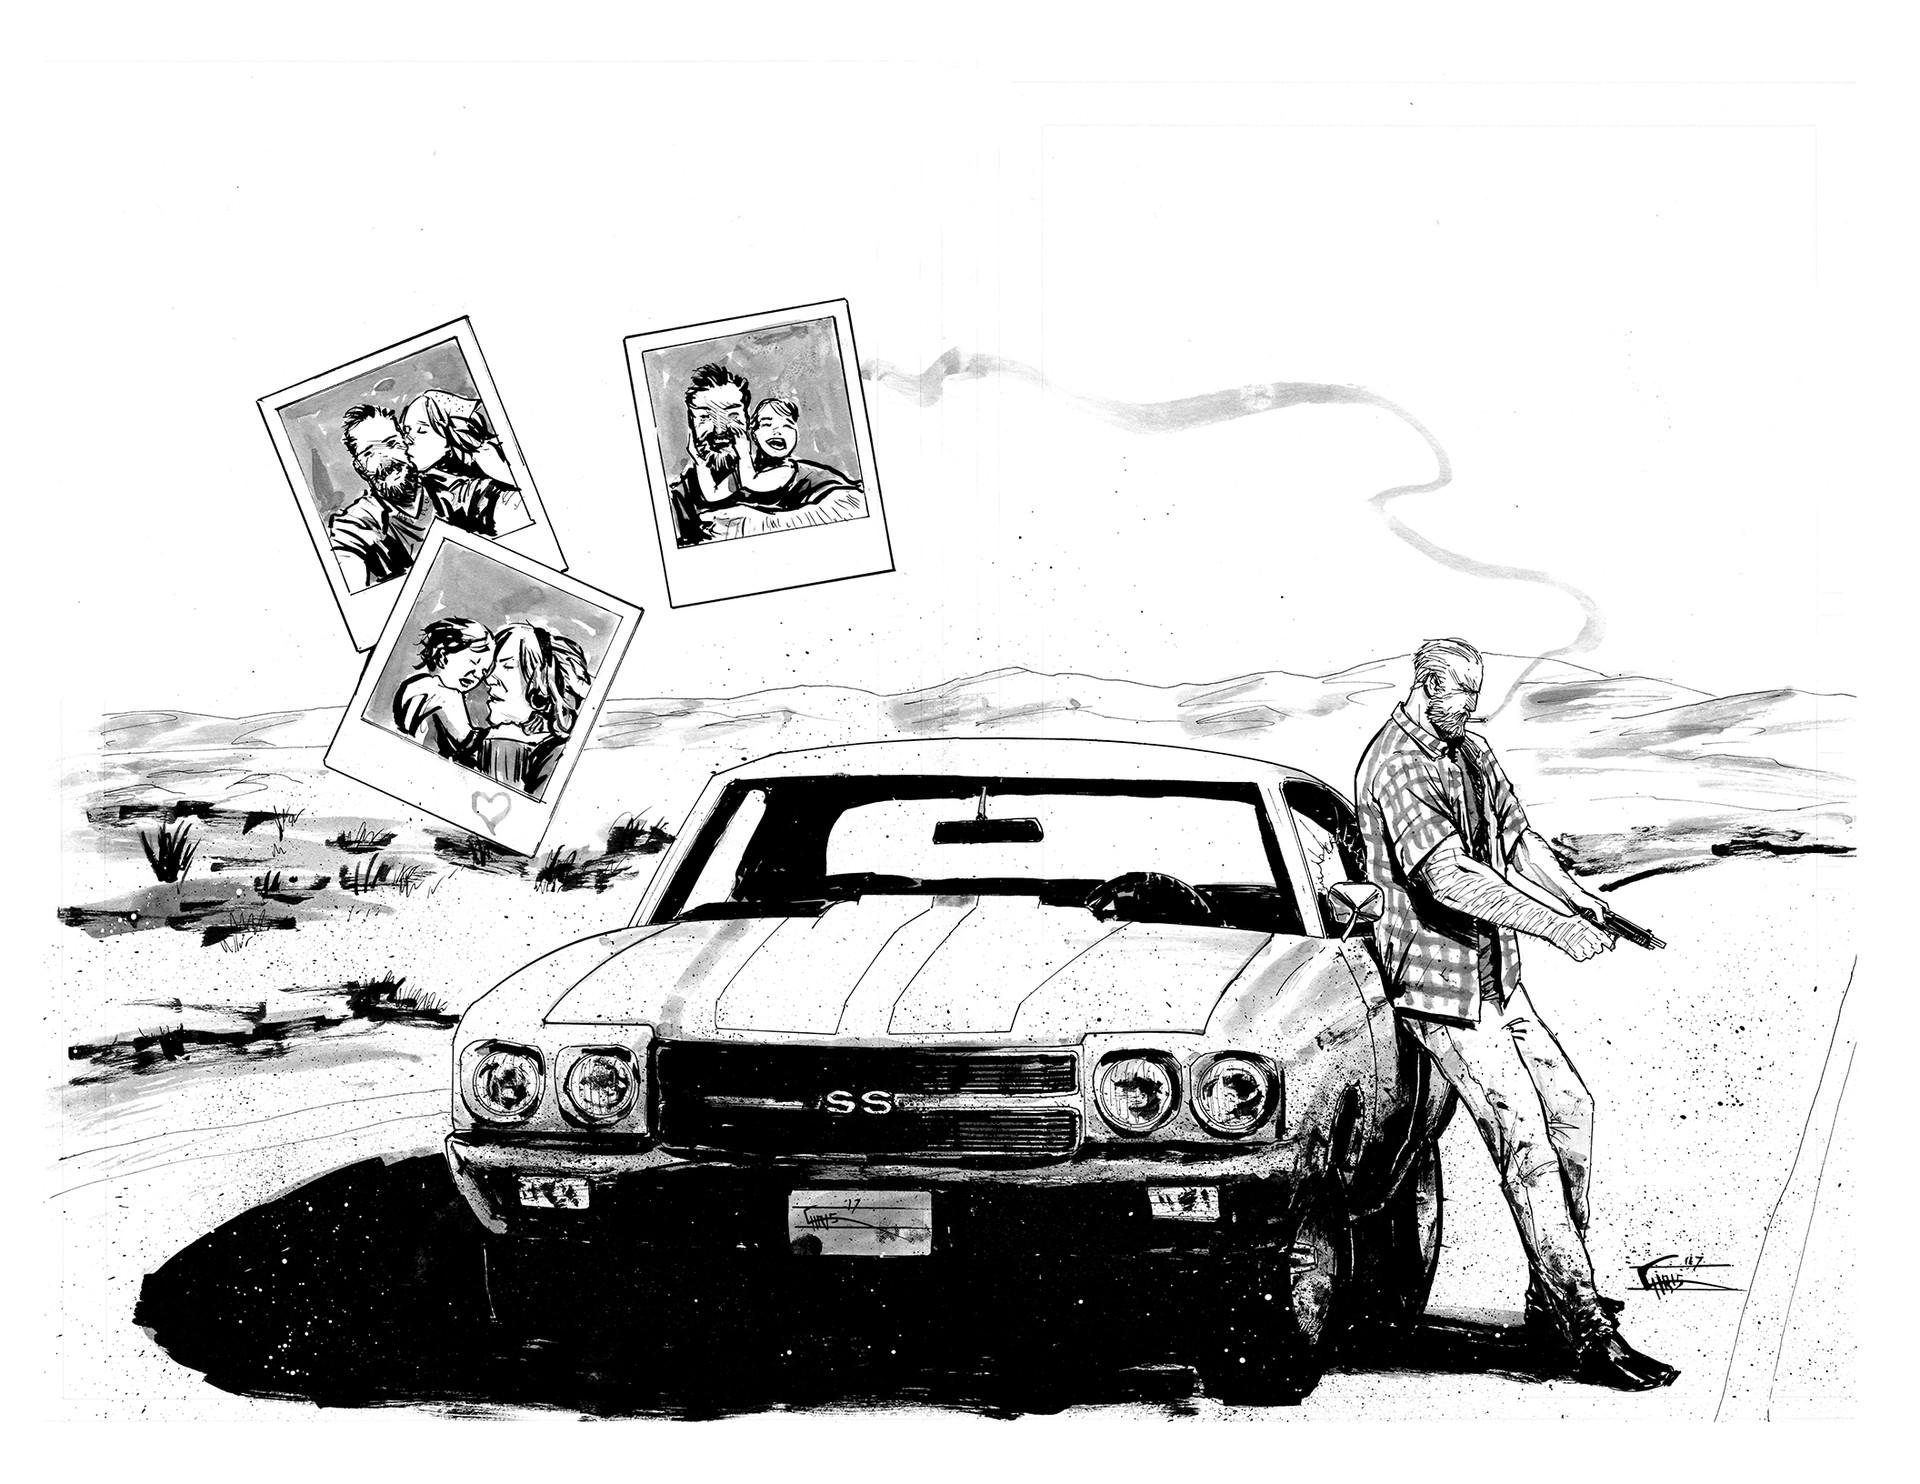 Chris shehan deadbeat cover inks